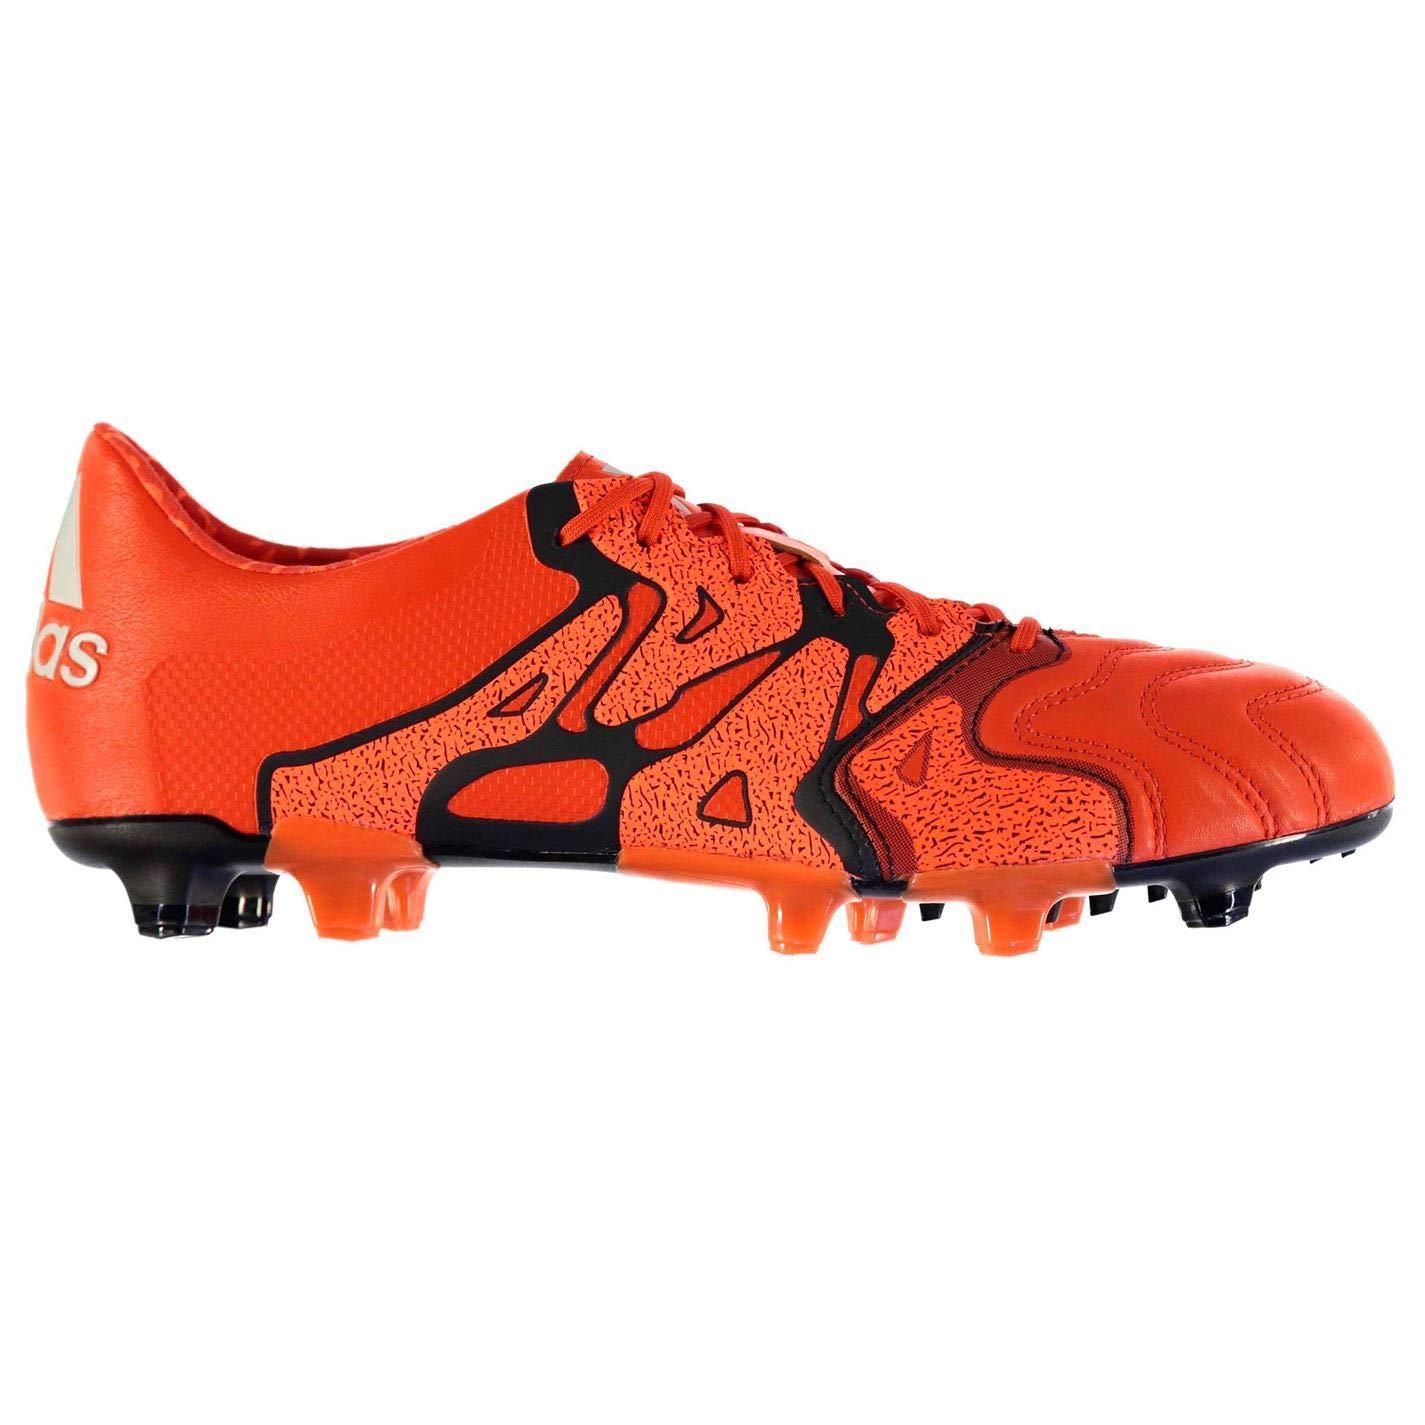 Adida X 15.1 FG Fußballschuhe für Herren oder Fußballschuhe